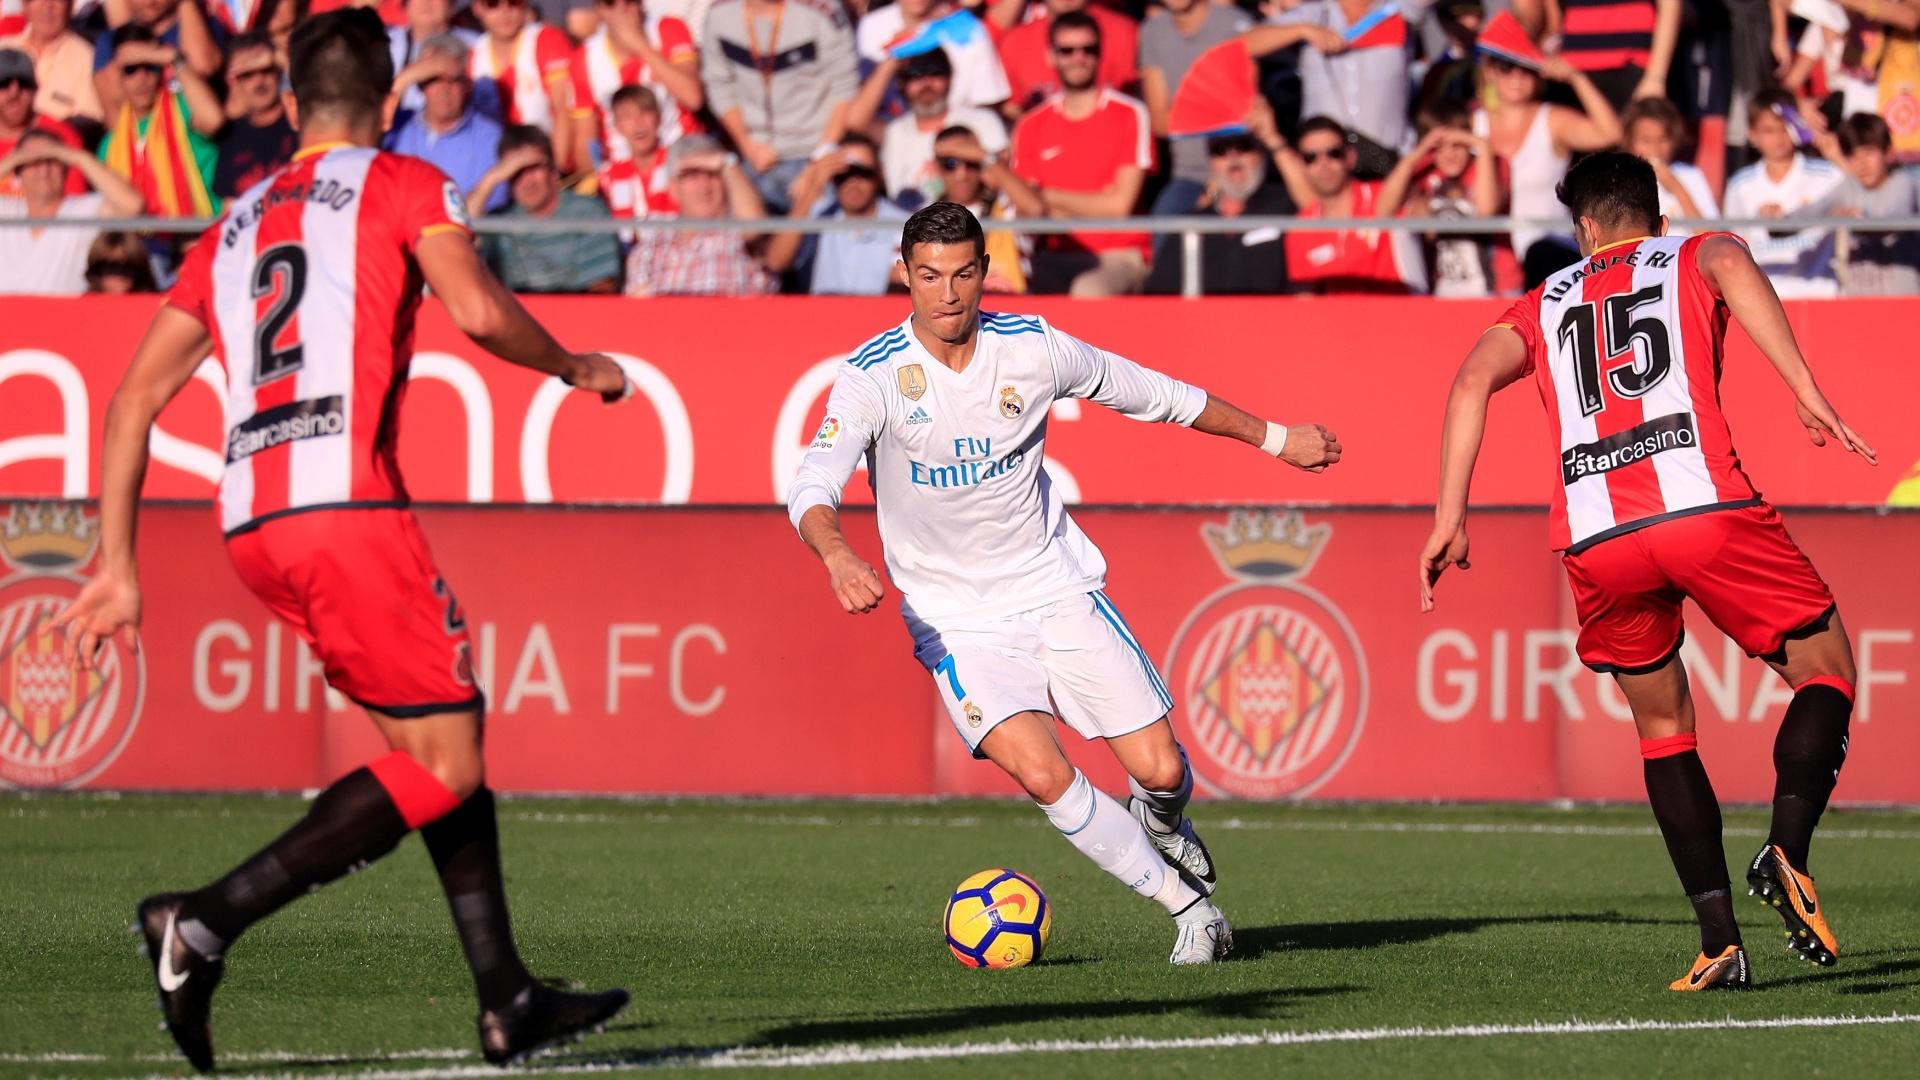 Cristiano Ronaldo tenta uma jogada para o Real Madrid contra o Girona